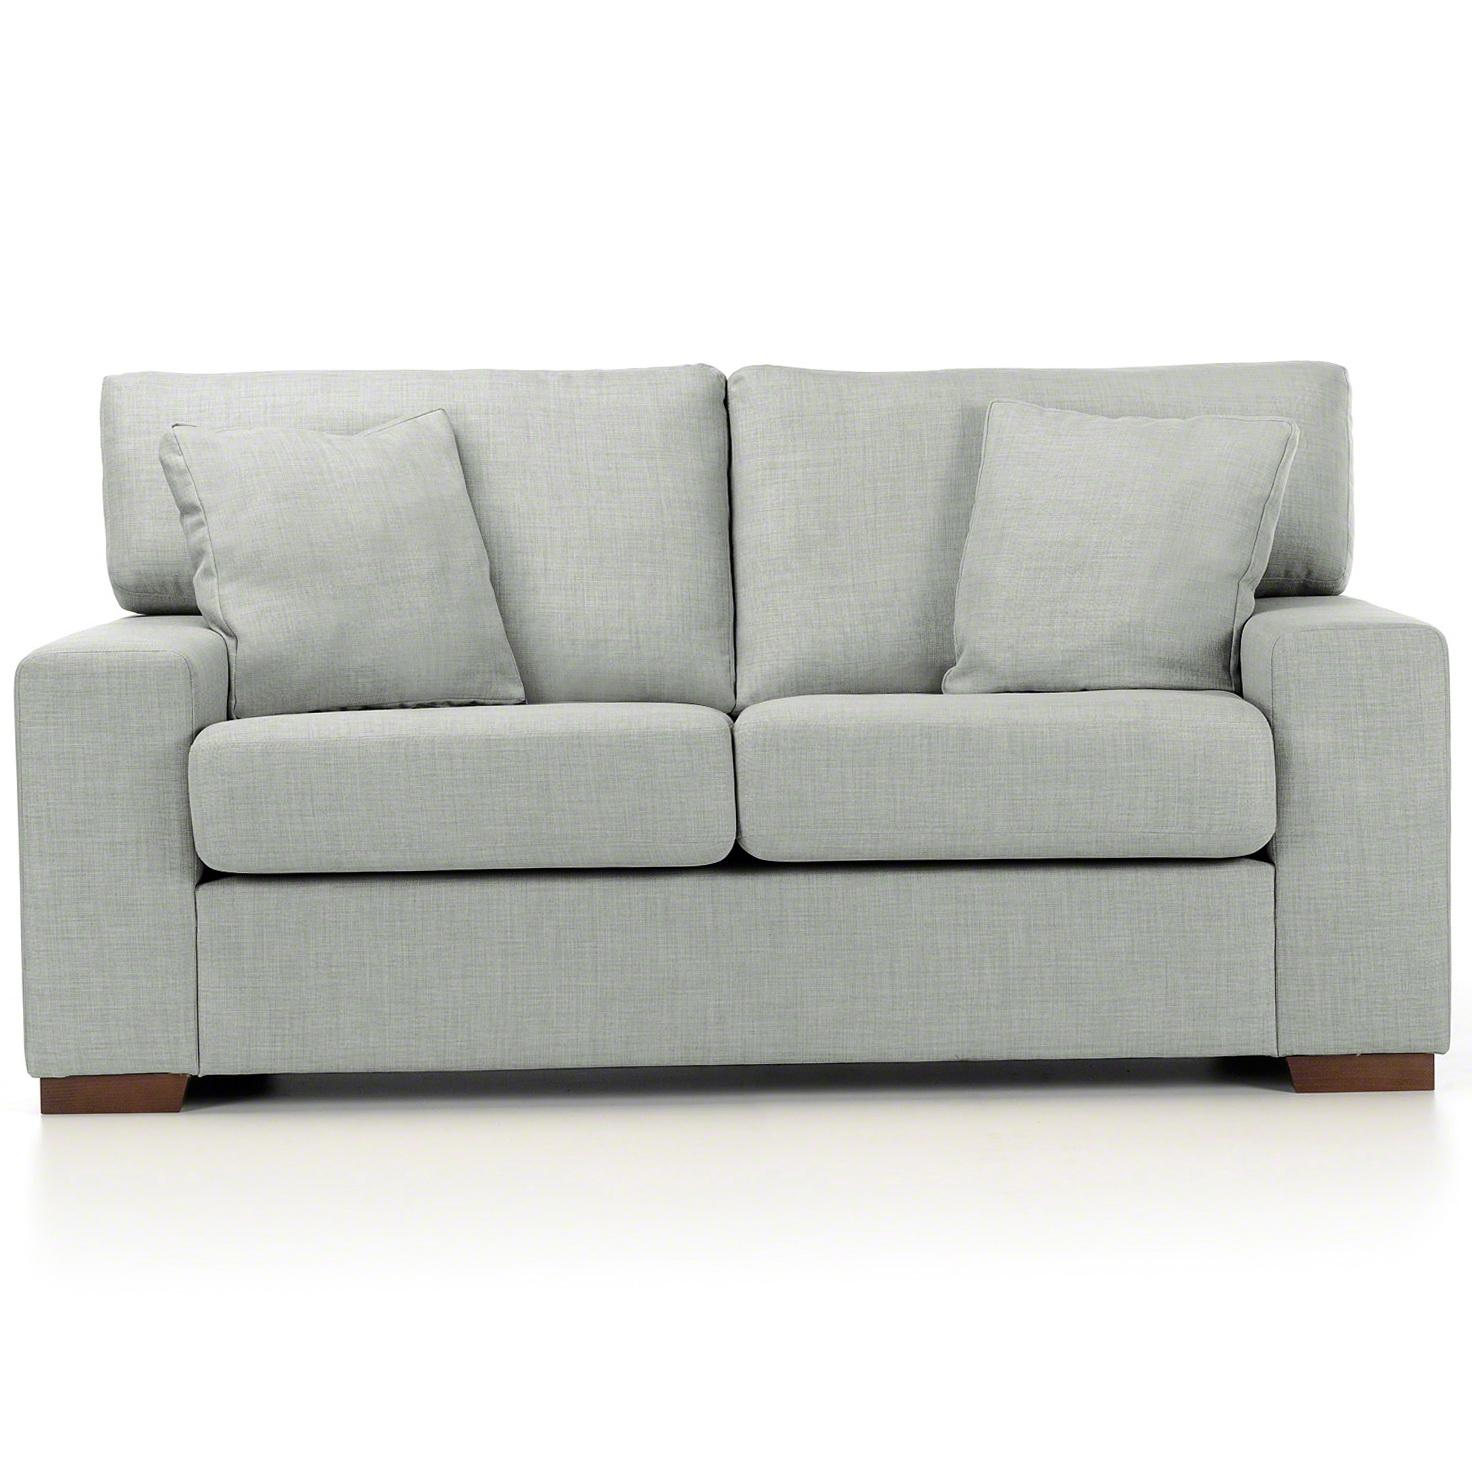 Foam For Sofa Cushions India